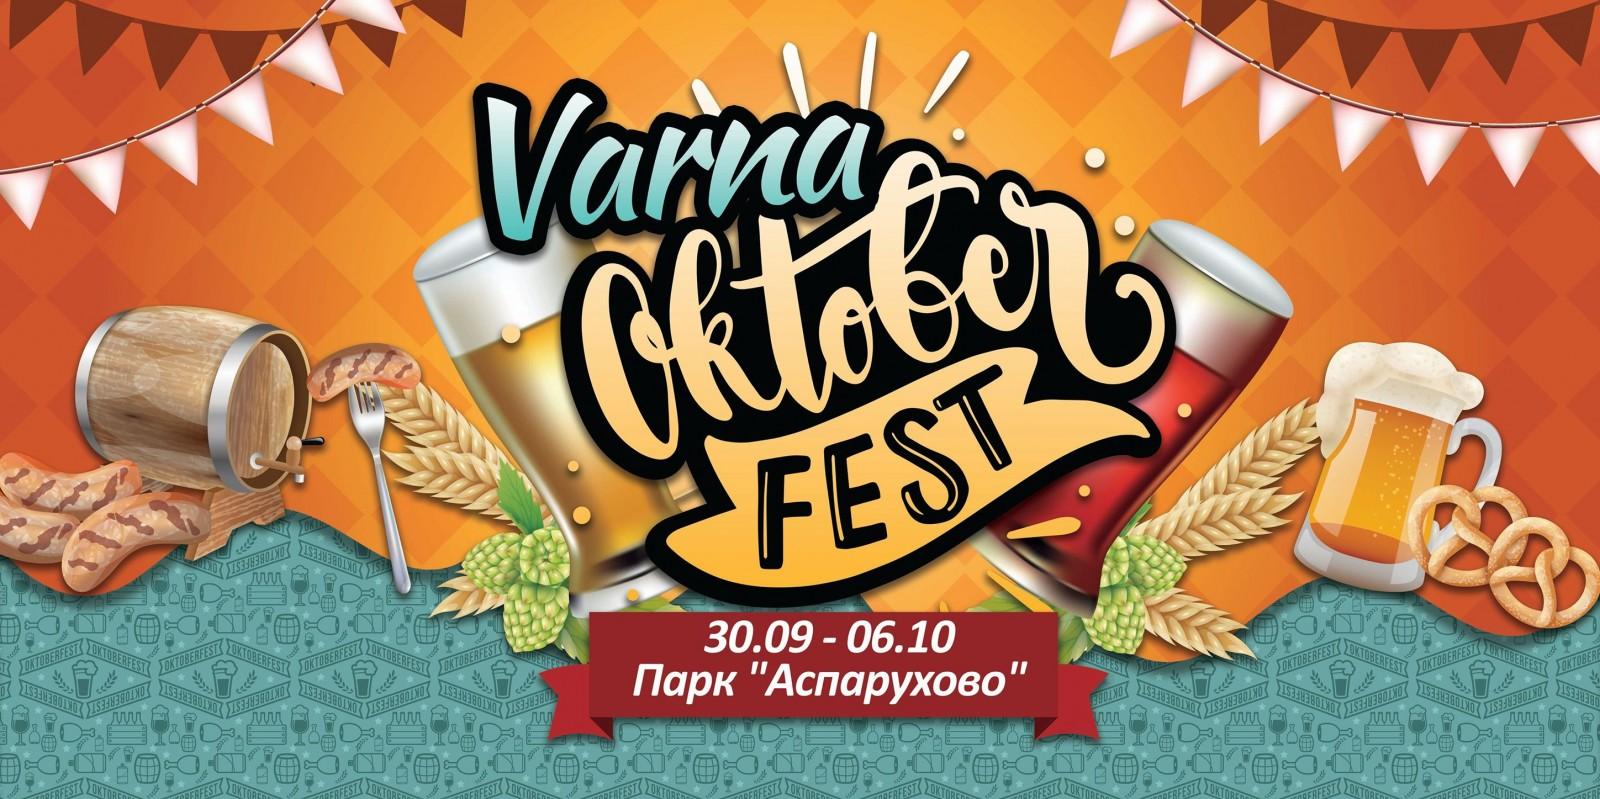 Varna Octoberfest 2020